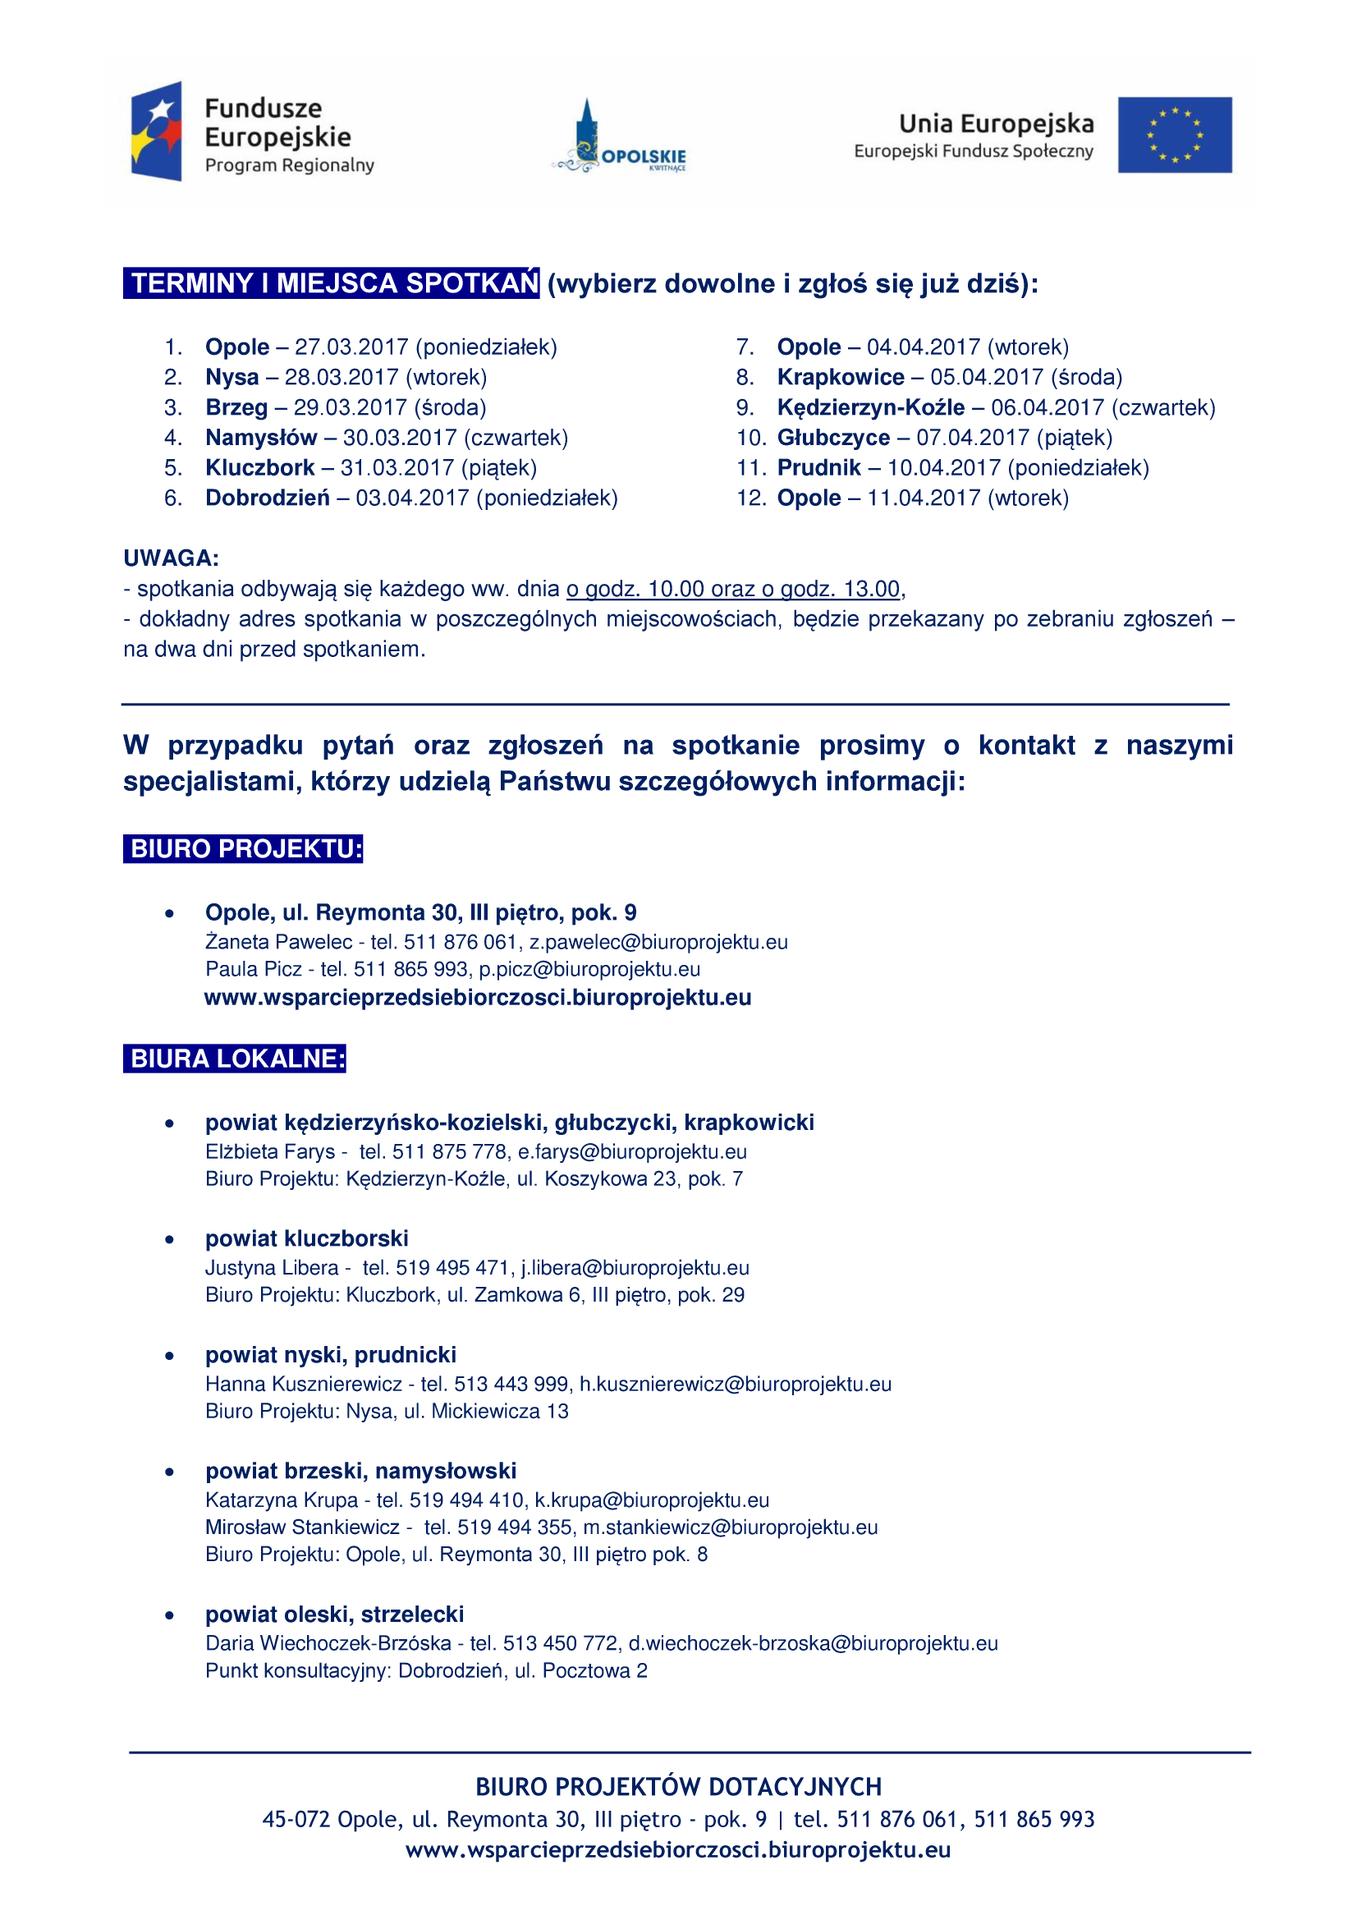 ulotka_informacyjna-2.jpeg